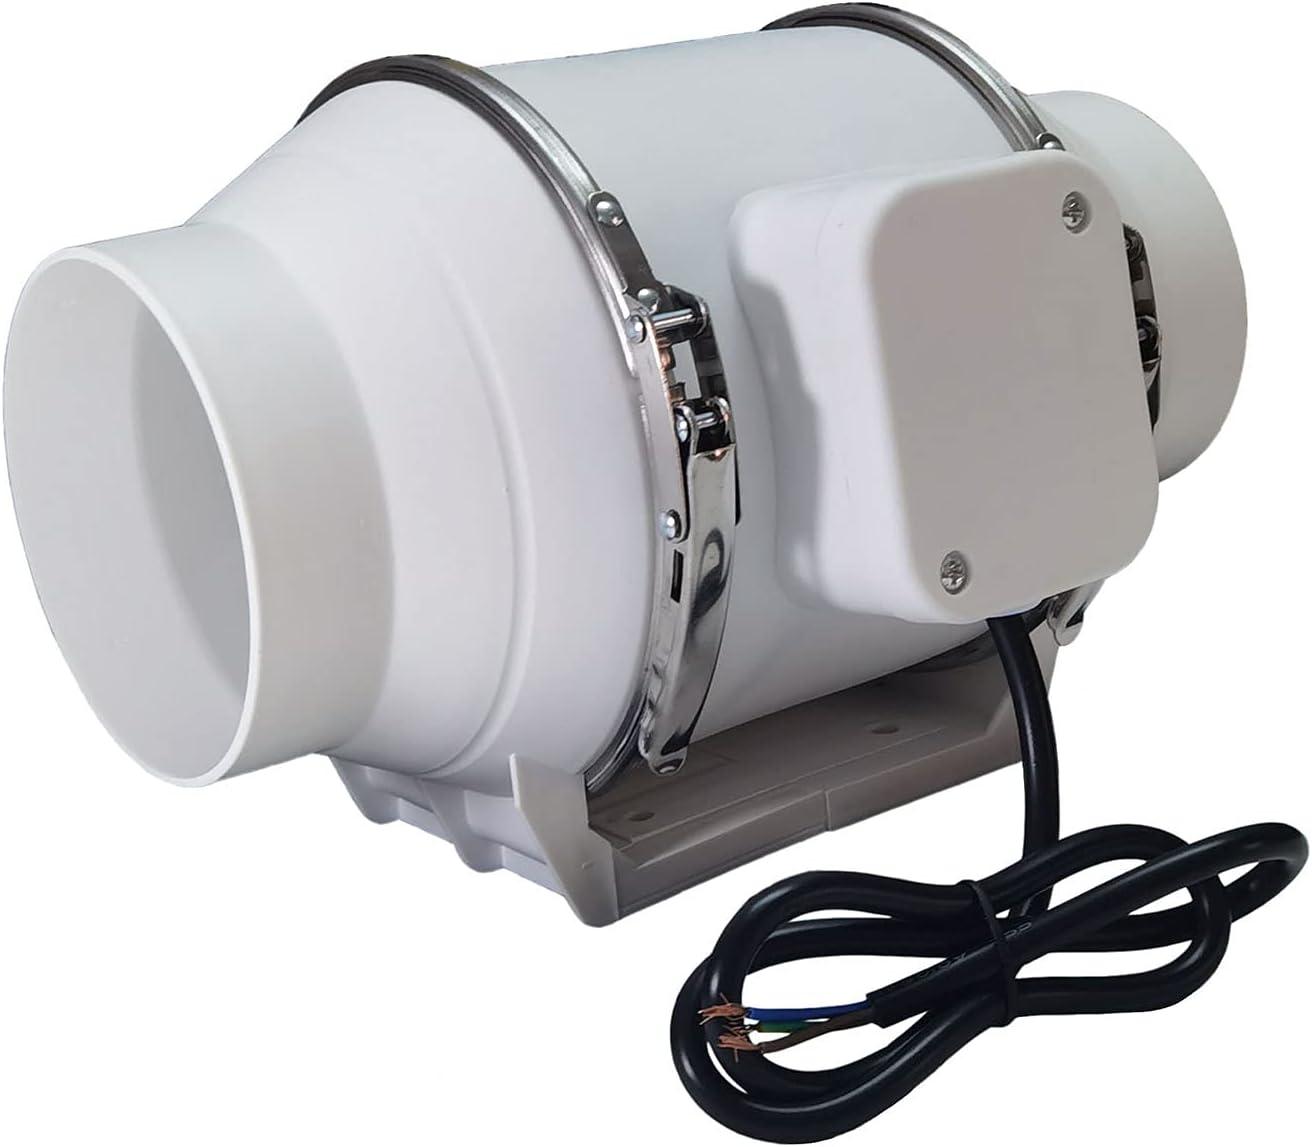 AZITICY Ventilador de Conducto 100mm, 220m³/h Extractor de Baño Aire para Desván, Sótano, Garaje, Tienda de Cultivo